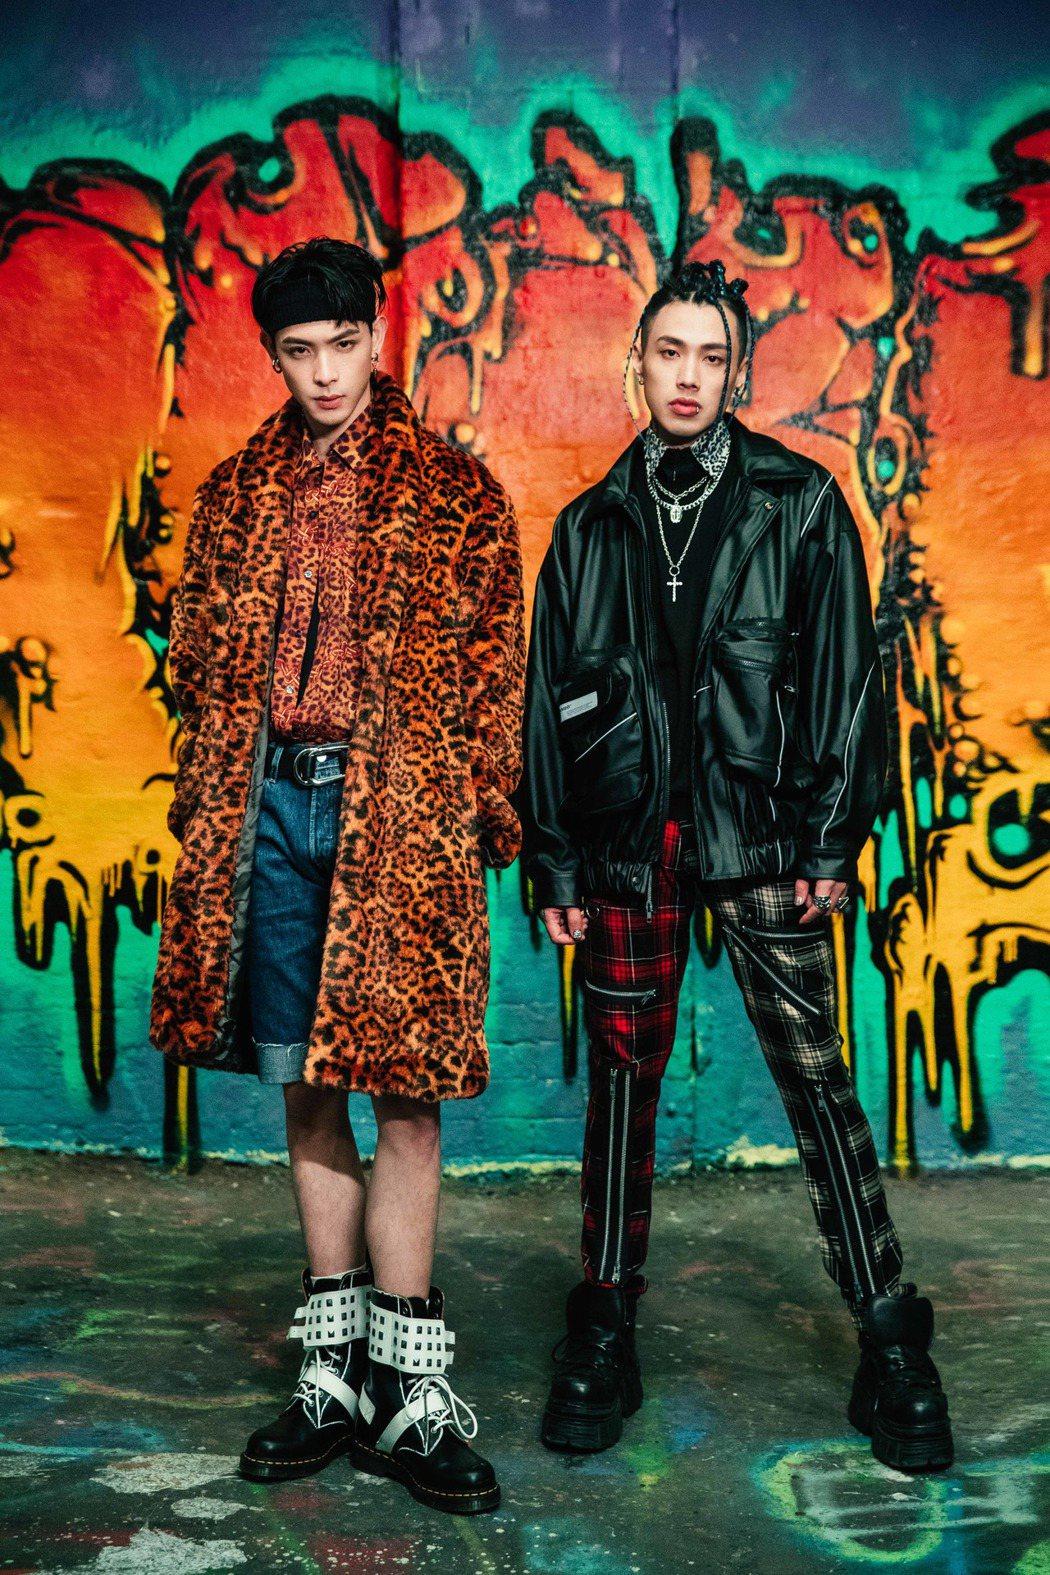 連晨翔(左)新歌「Crazy Love」邀請TRASH樂團主唱阿夜以個人饒舌歌手...